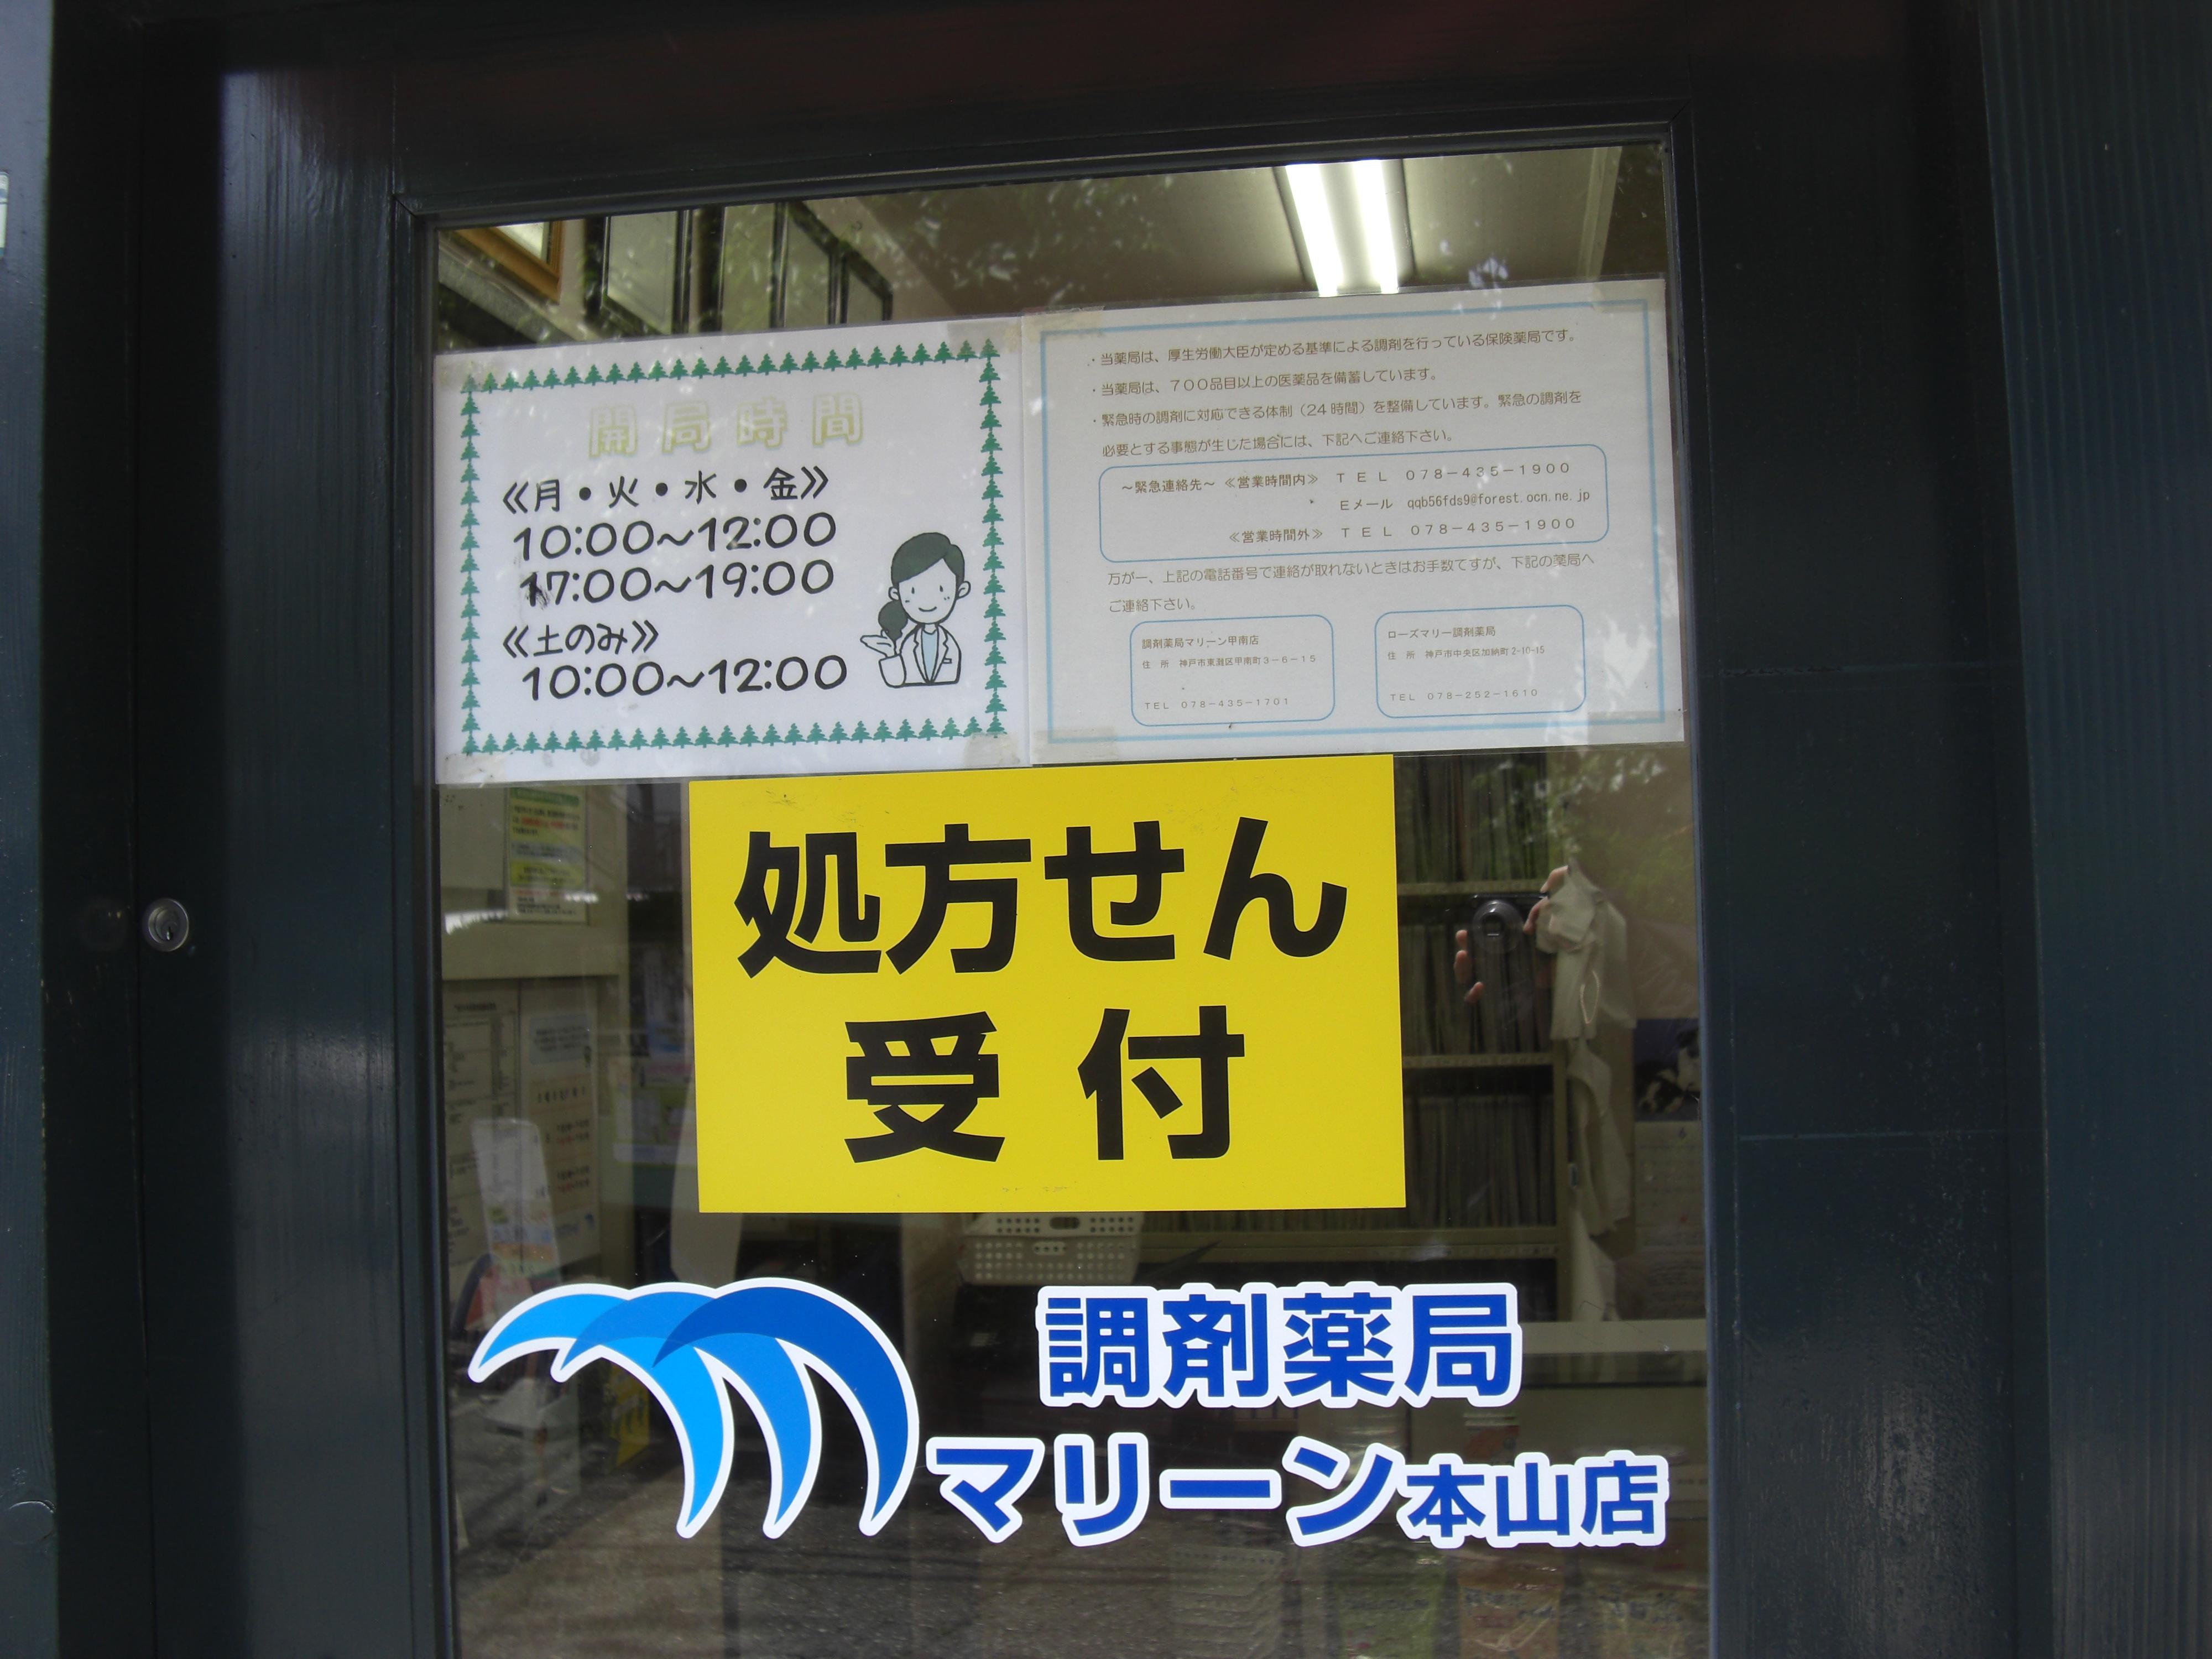 調剤薬局マリーン本山店の店舗入口